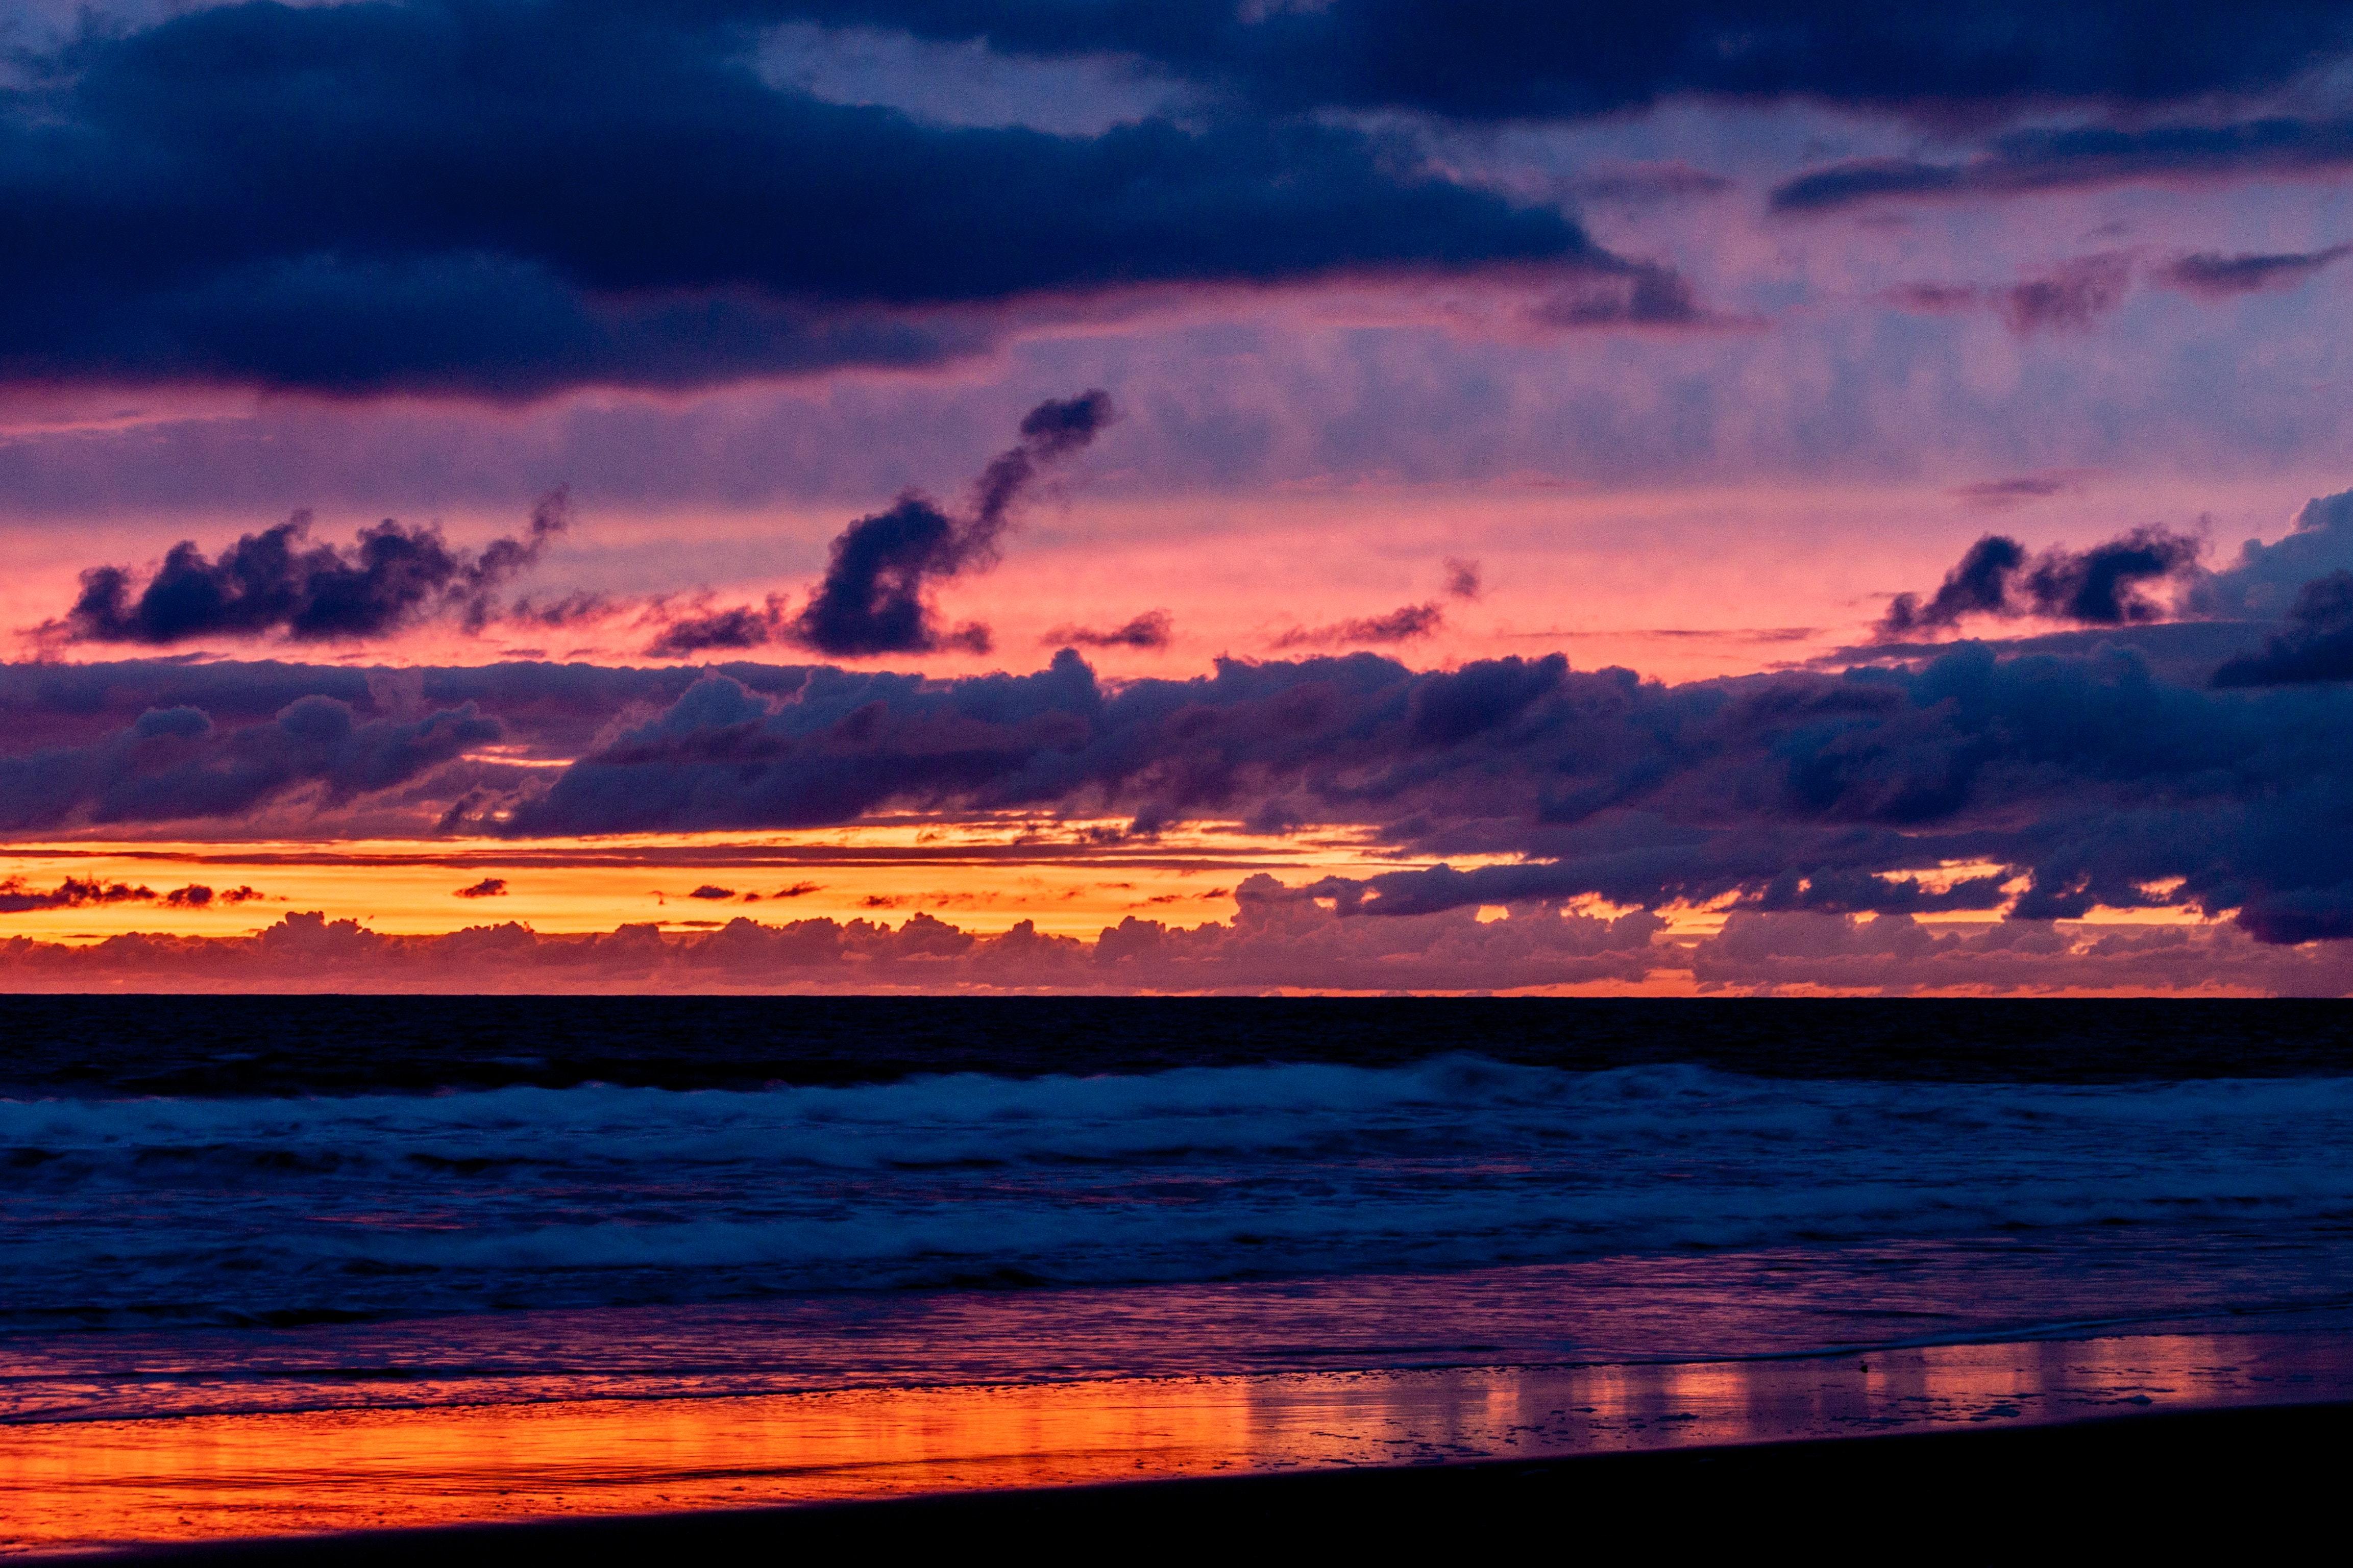 Body of Water over the Horizon, Beach, Scenic, Water, Sunset, HQ Photo